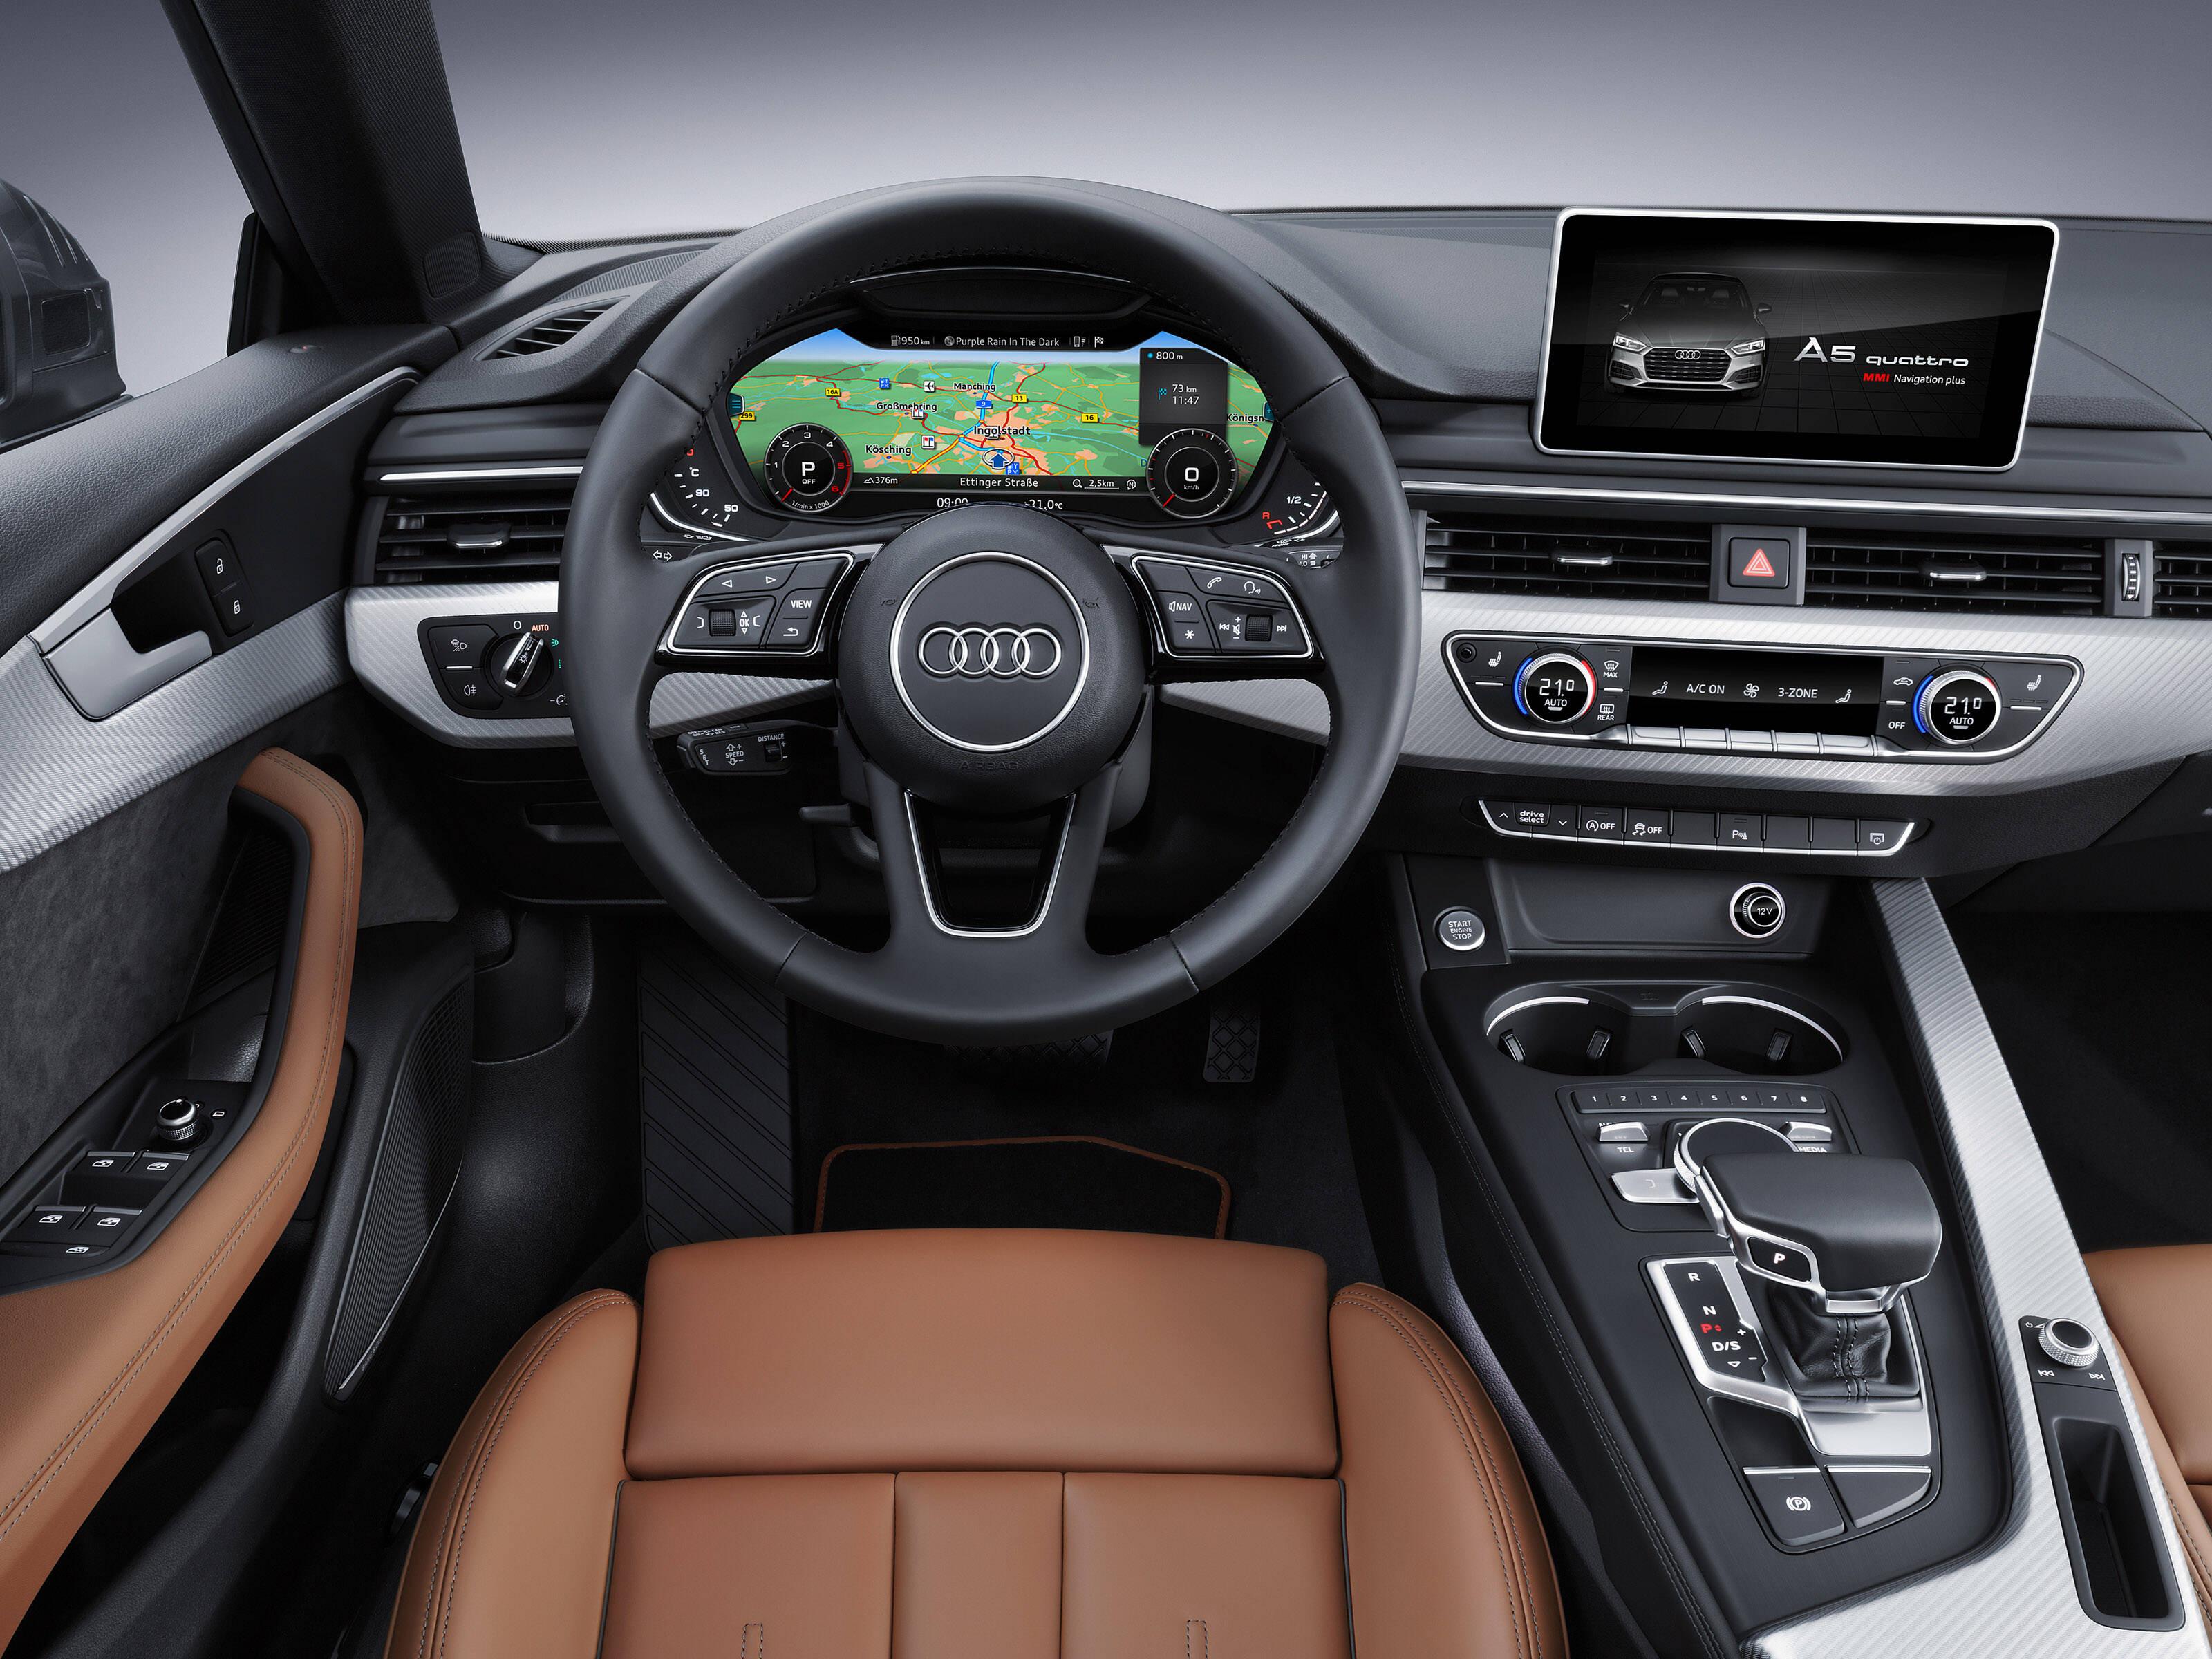 Audi A5 Sportback. Foto: Divulgação